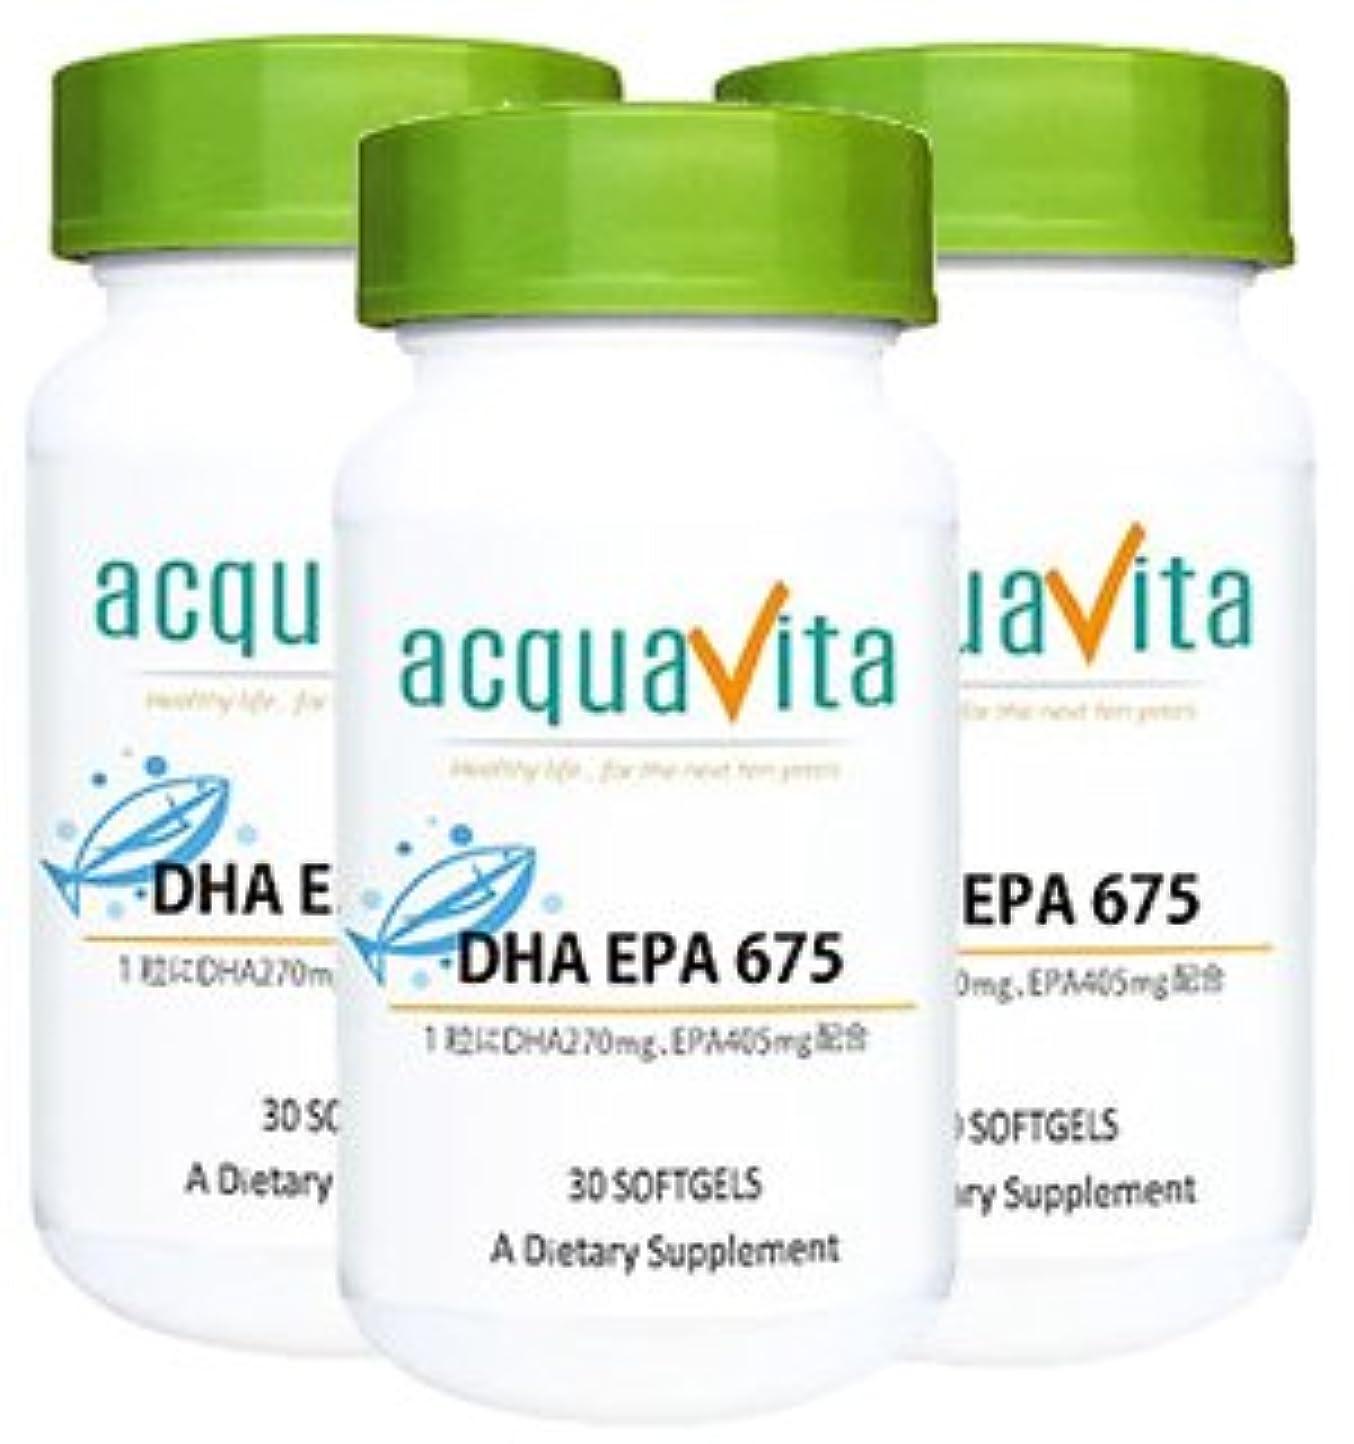 基礎理論前方へおじいちゃんアクアヴィータ DHA?EPA675 30粒(アクアビータ?Acquavita)【3本セット】